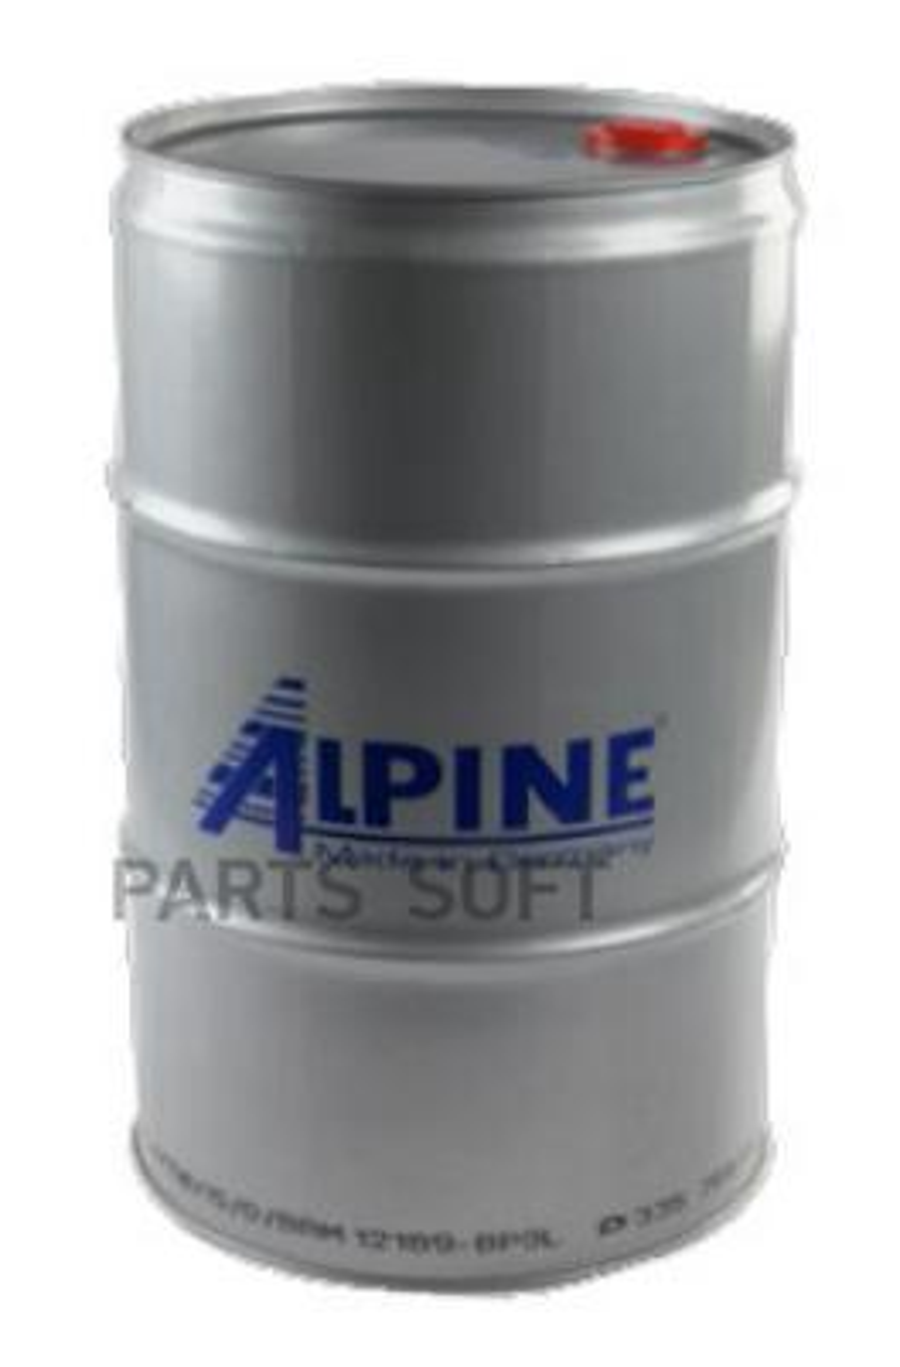 ALPINE ATF 6HP